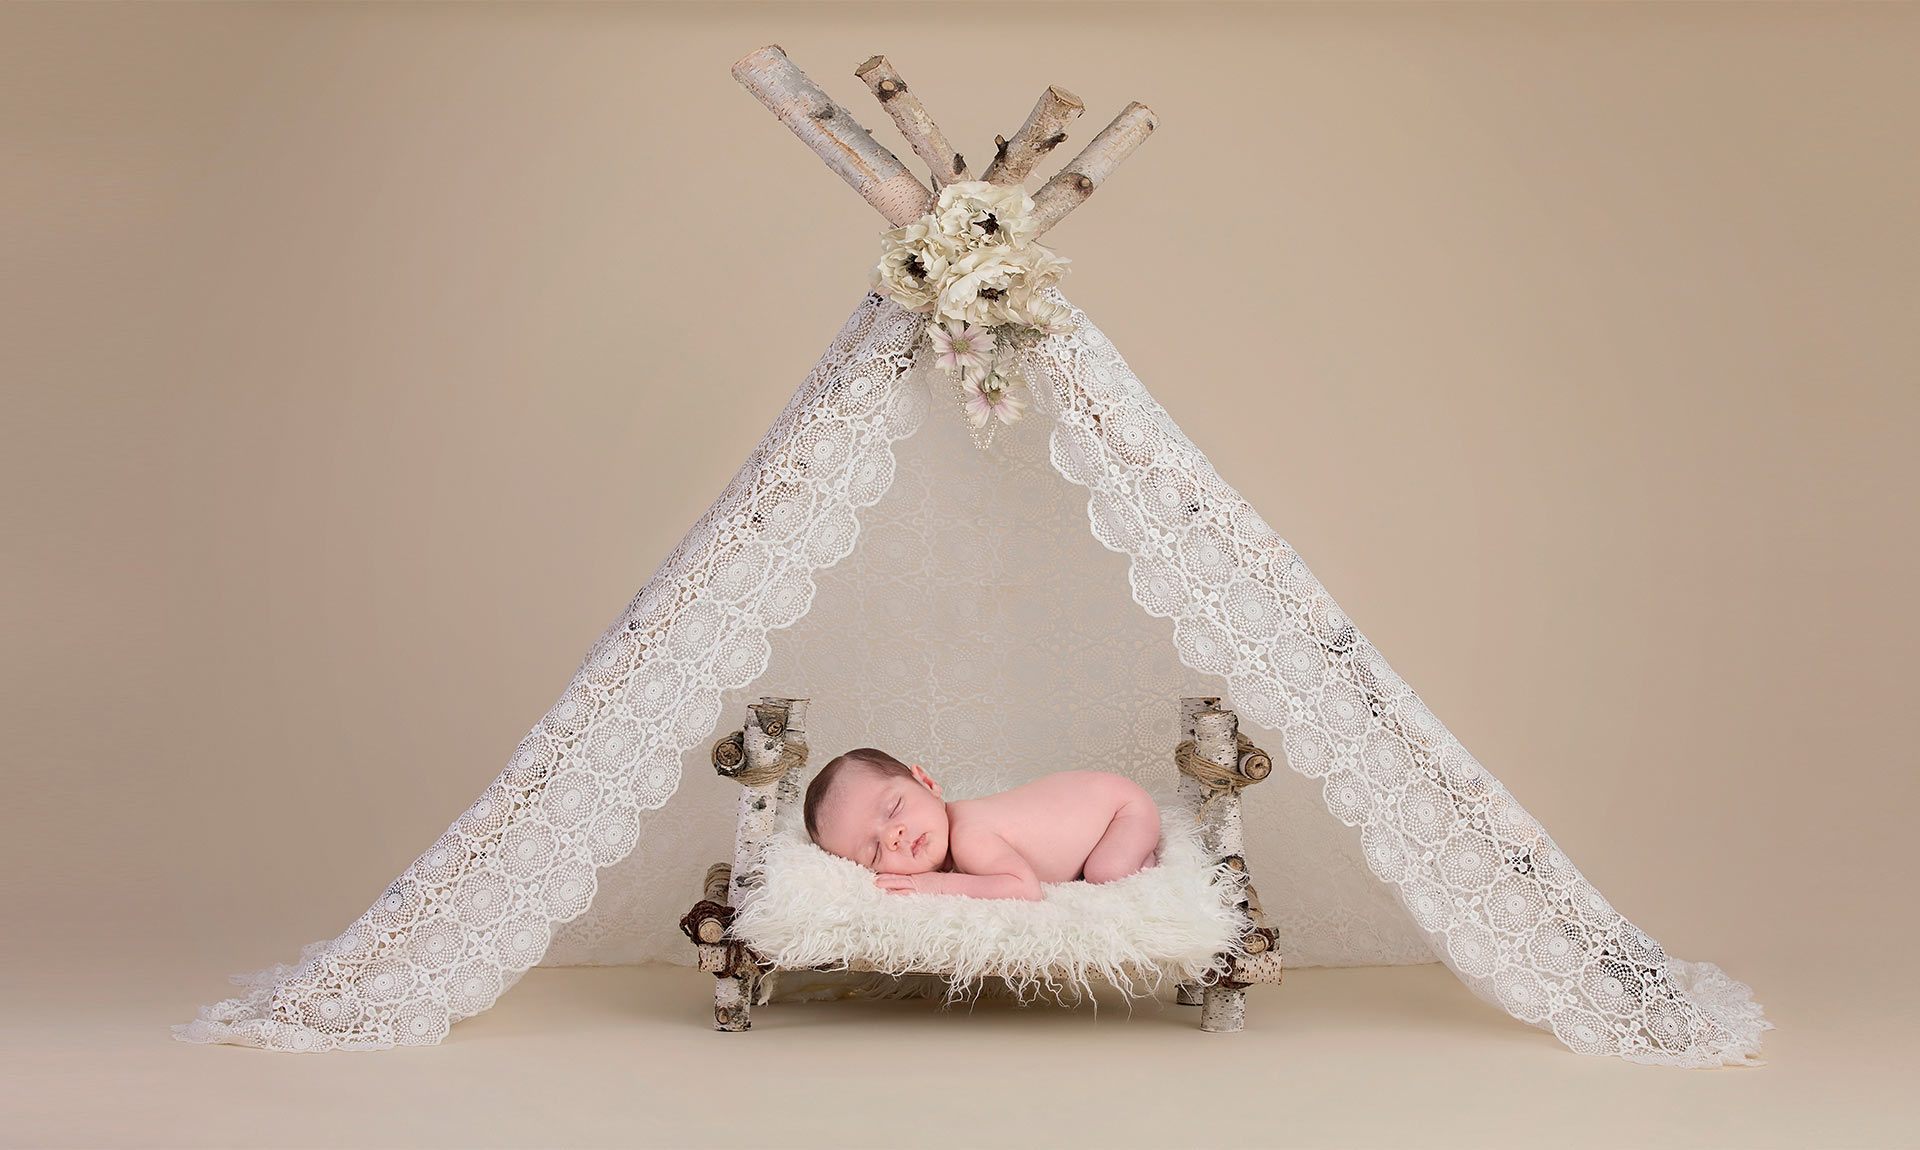 צילומי ניו בורן, בסטודיו מאובזר ומותאם לצילום תינוקות ניו בורן